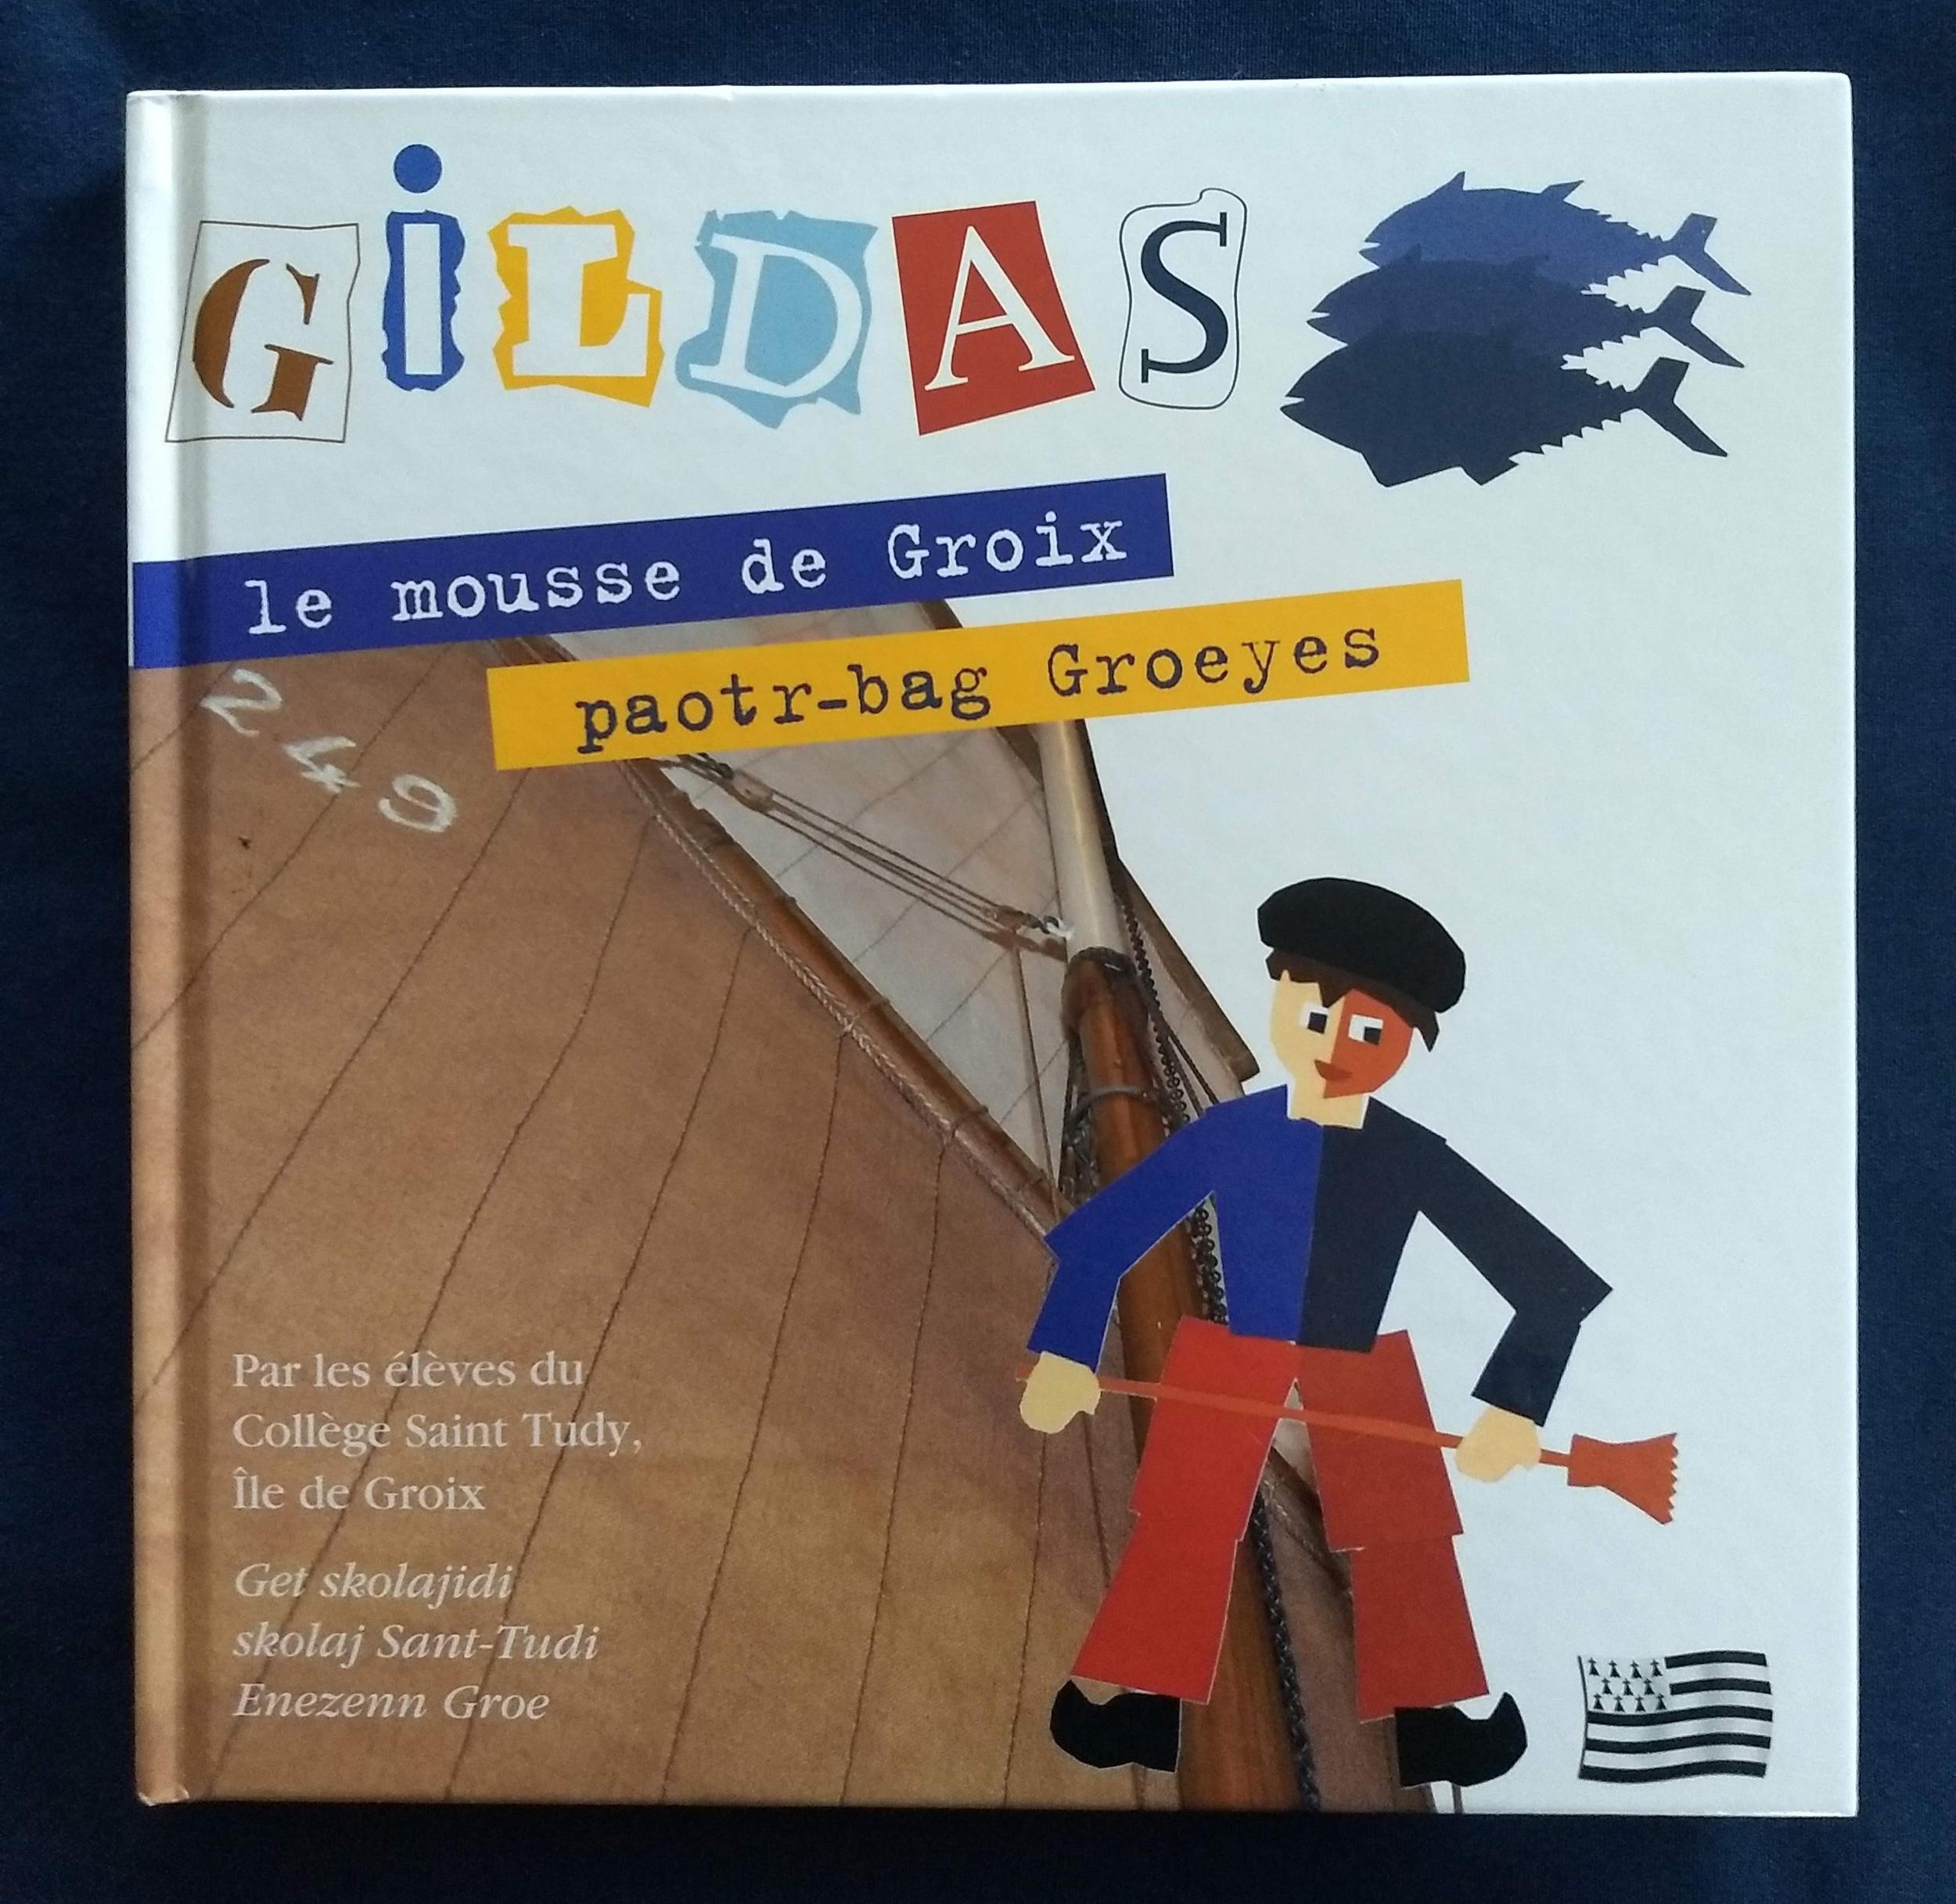 Gildas, le mousse de Groix